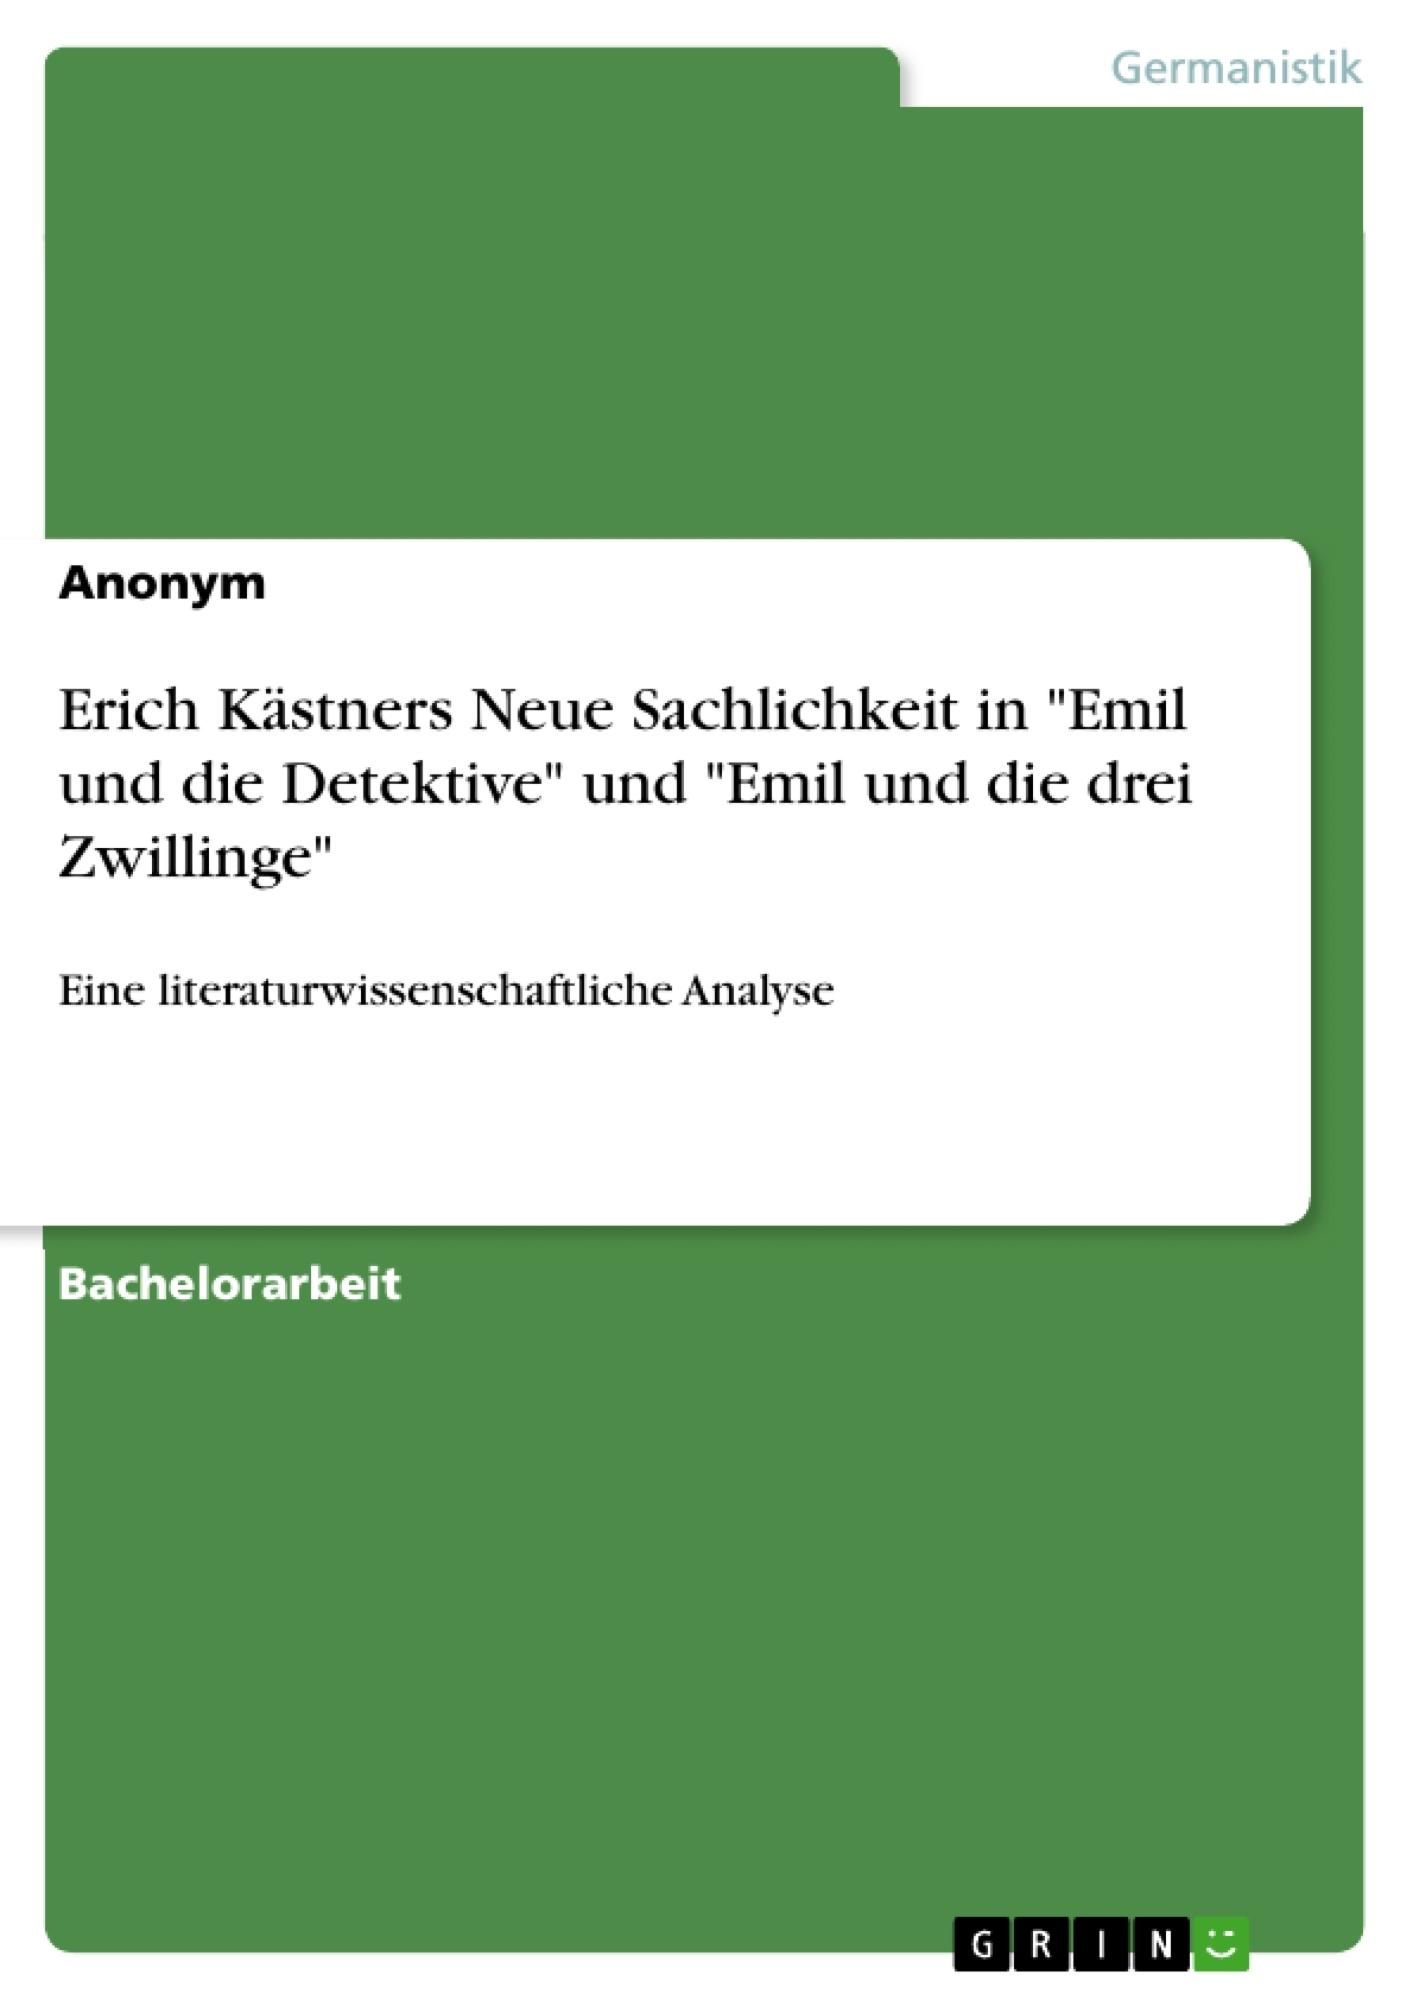 """Titel: Erich Kästners Neue Sachlichkeit in """"Emil und die Detektive"""" und """"Emil und die drei Zwillinge"""""""